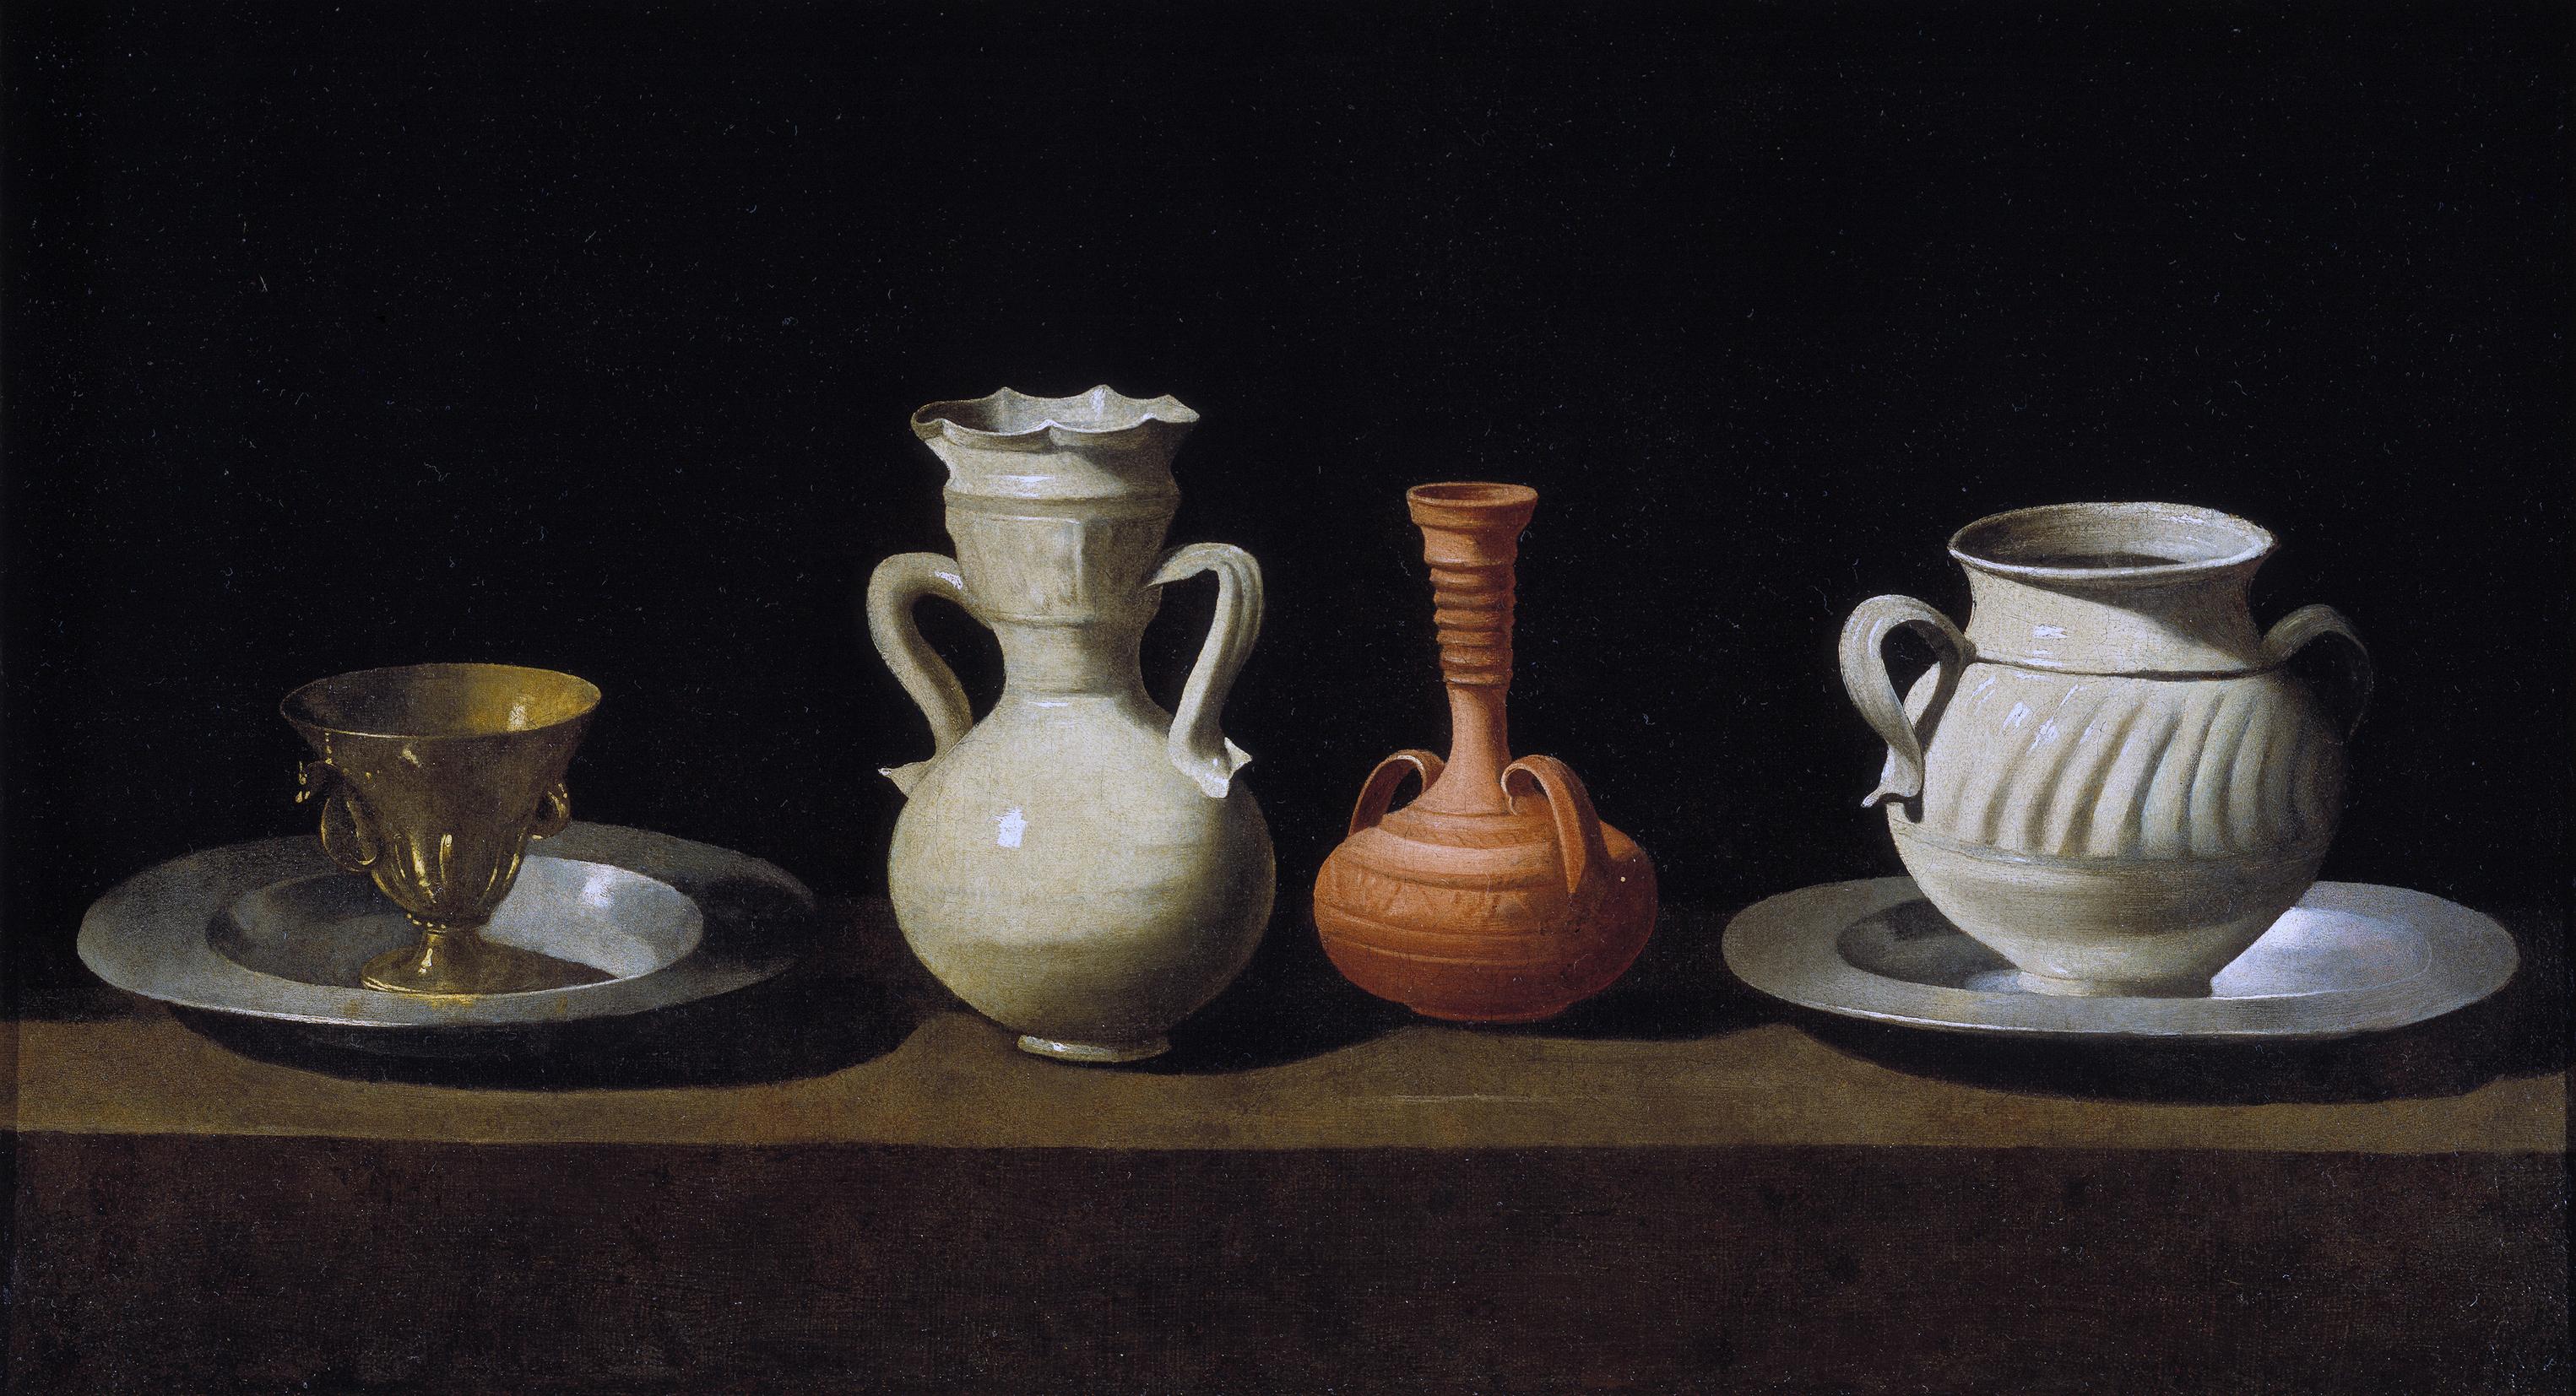 Bodegon de recipientes by Francisco de Zurbaran